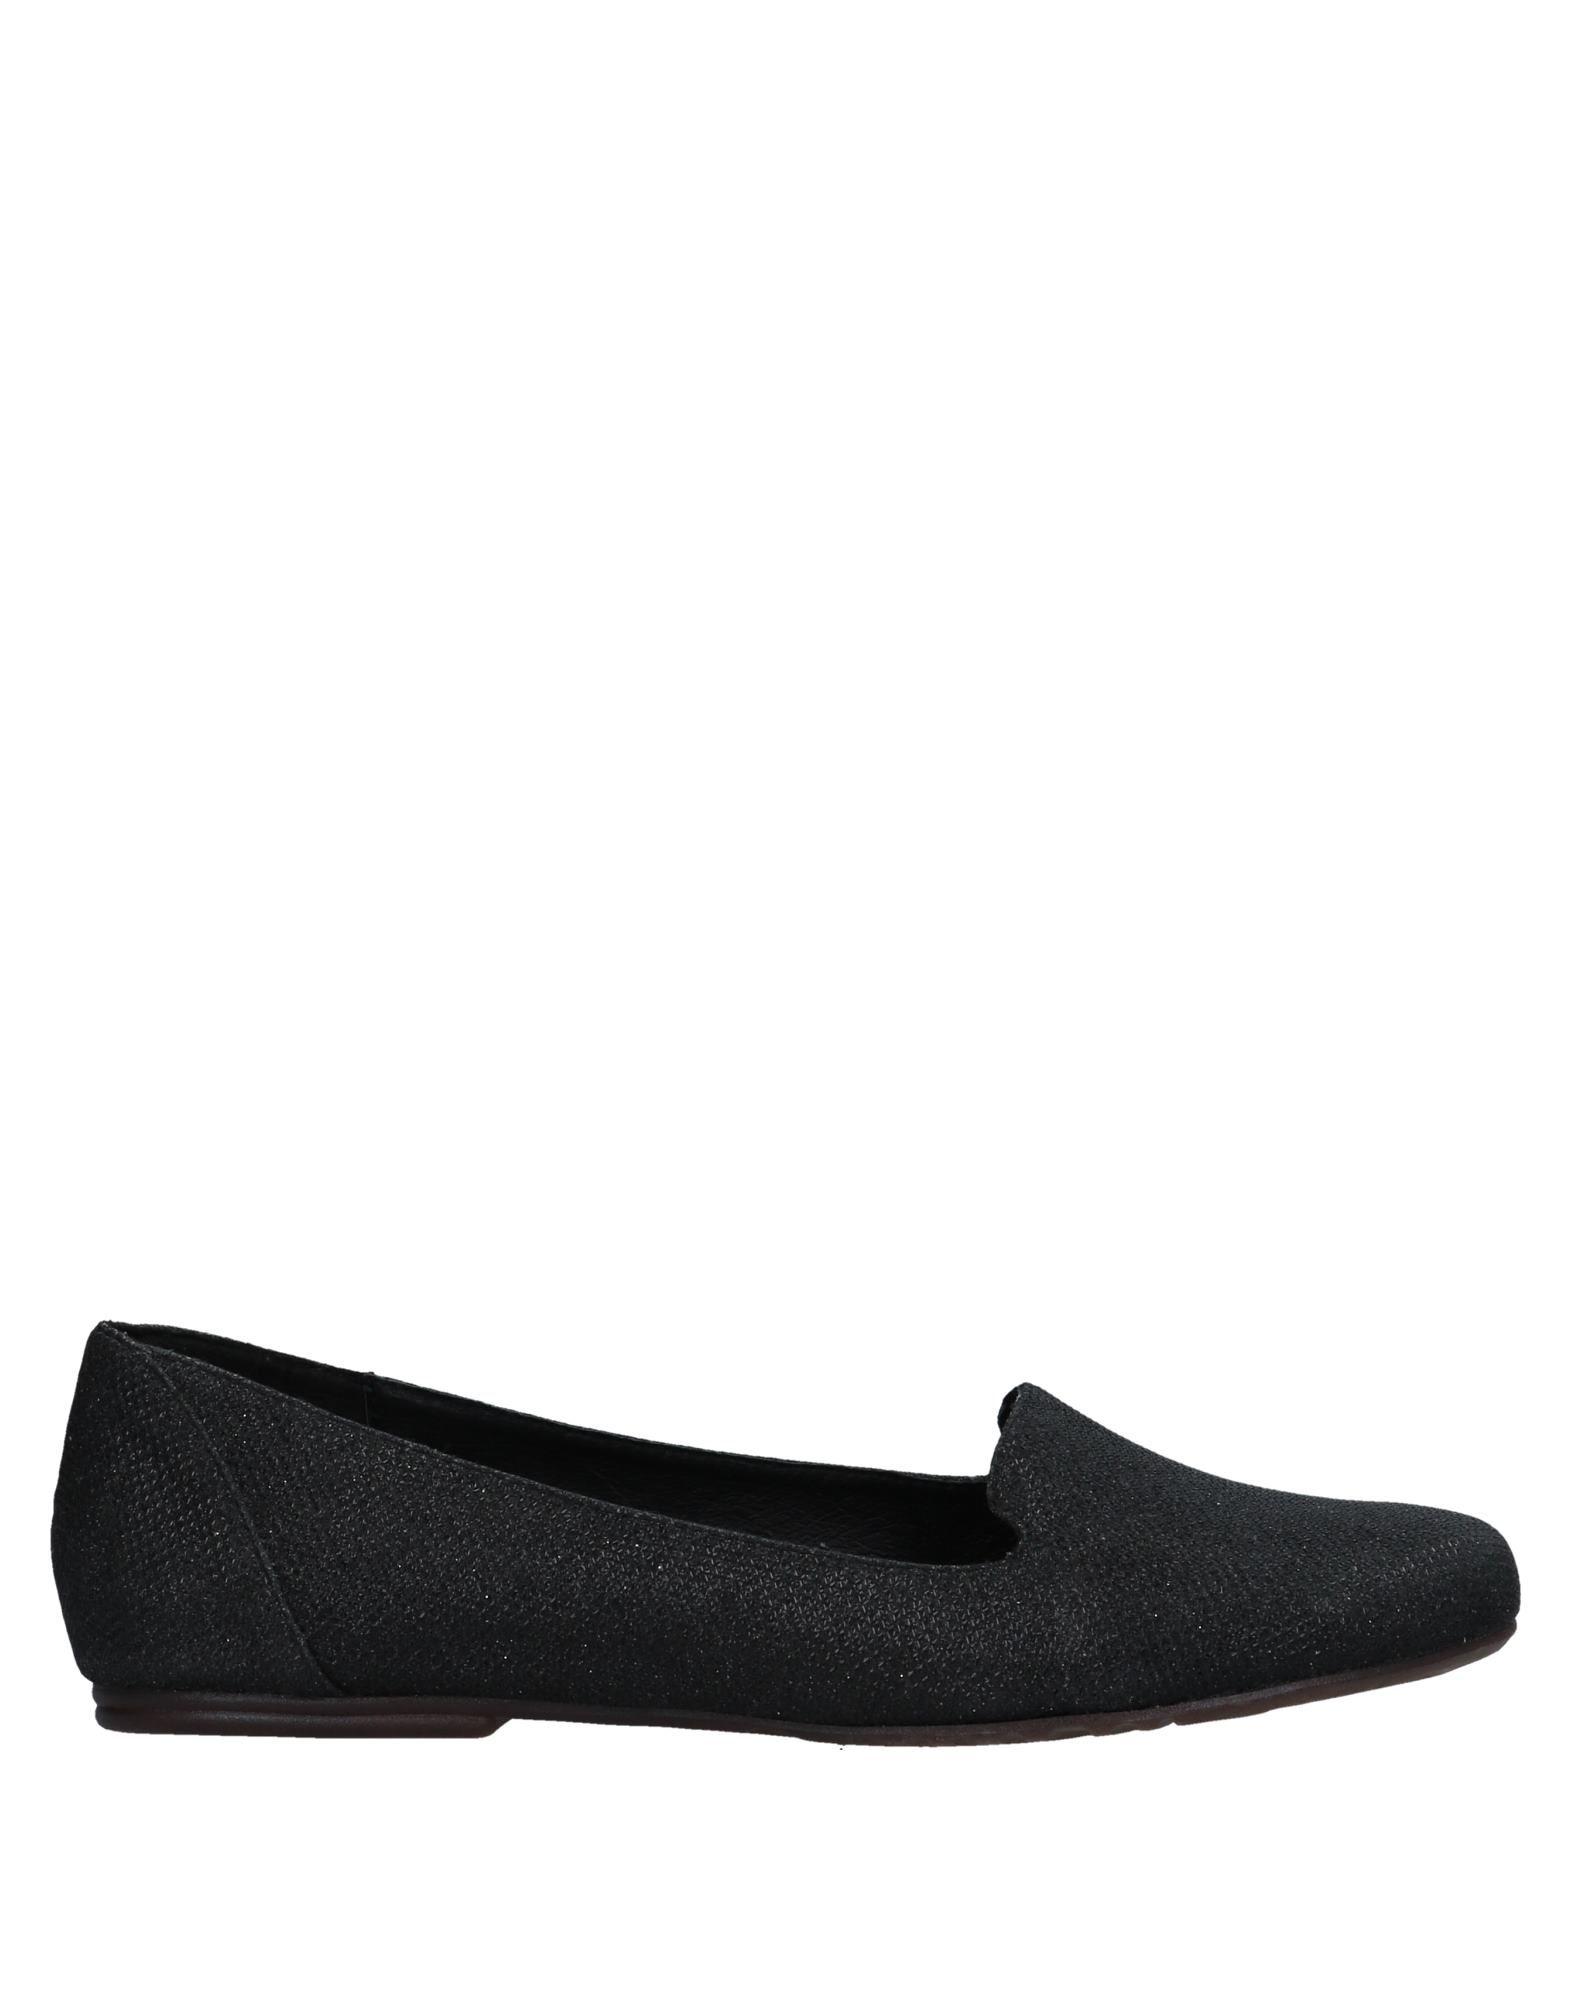 Bibi Lou Gute Mokassins Damen  11522414DL Gute Lou Qualität beliebte Schuhe 76fd44